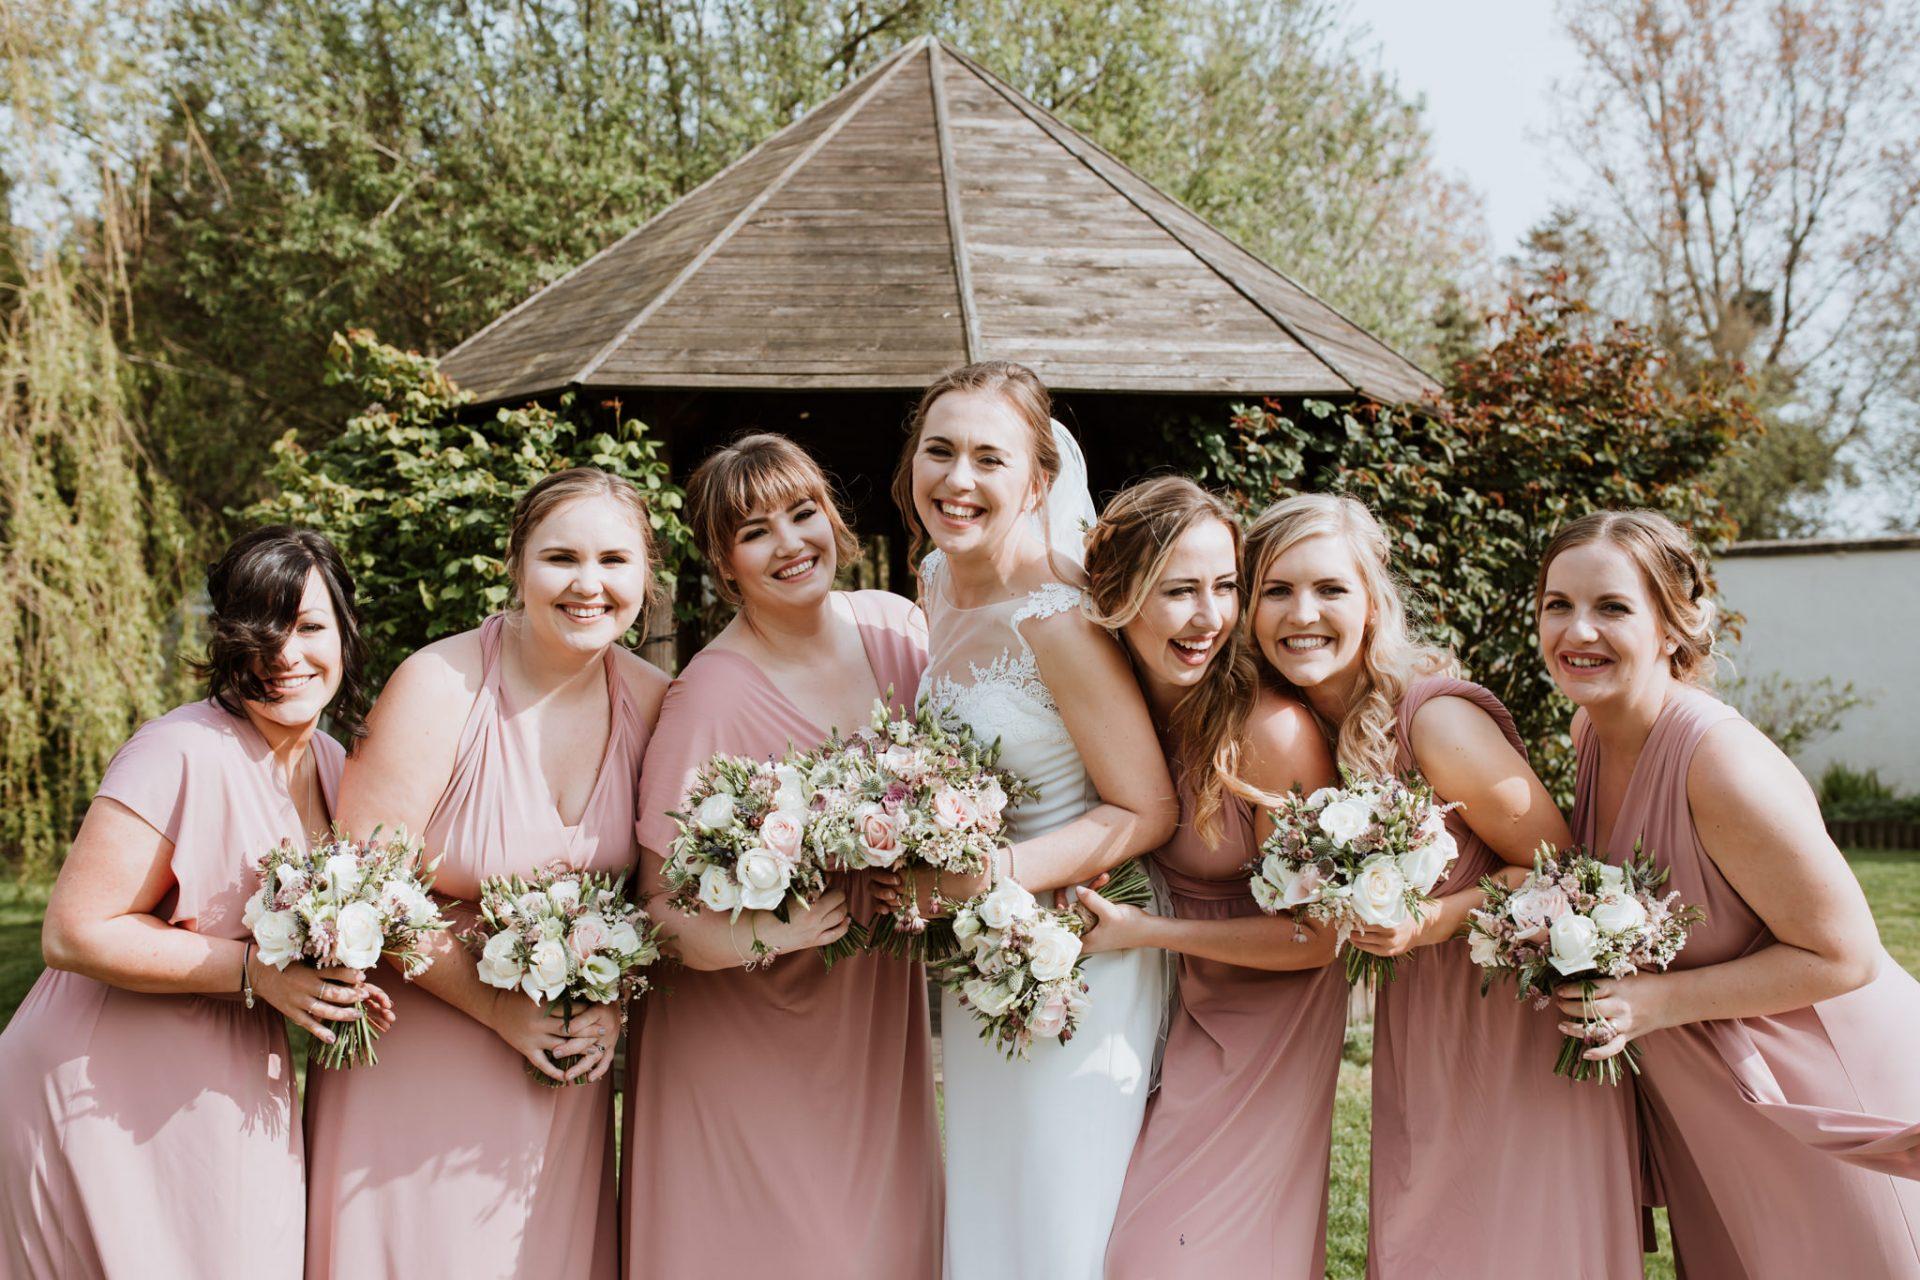 bridesmaid group photo